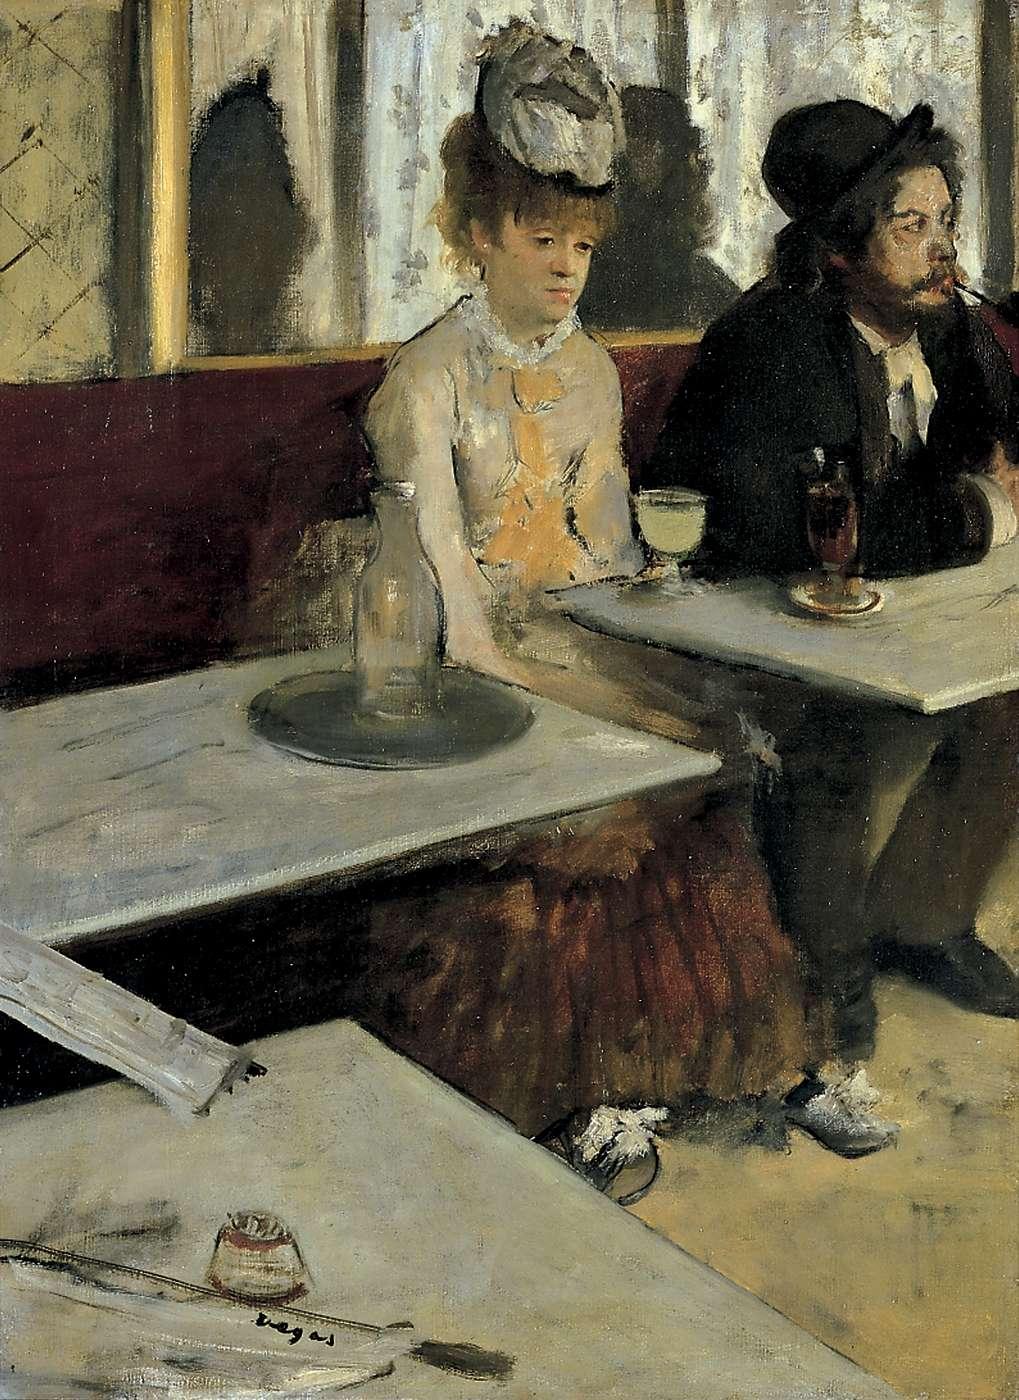 L'Absinthe, Edgar Degas,1875-76